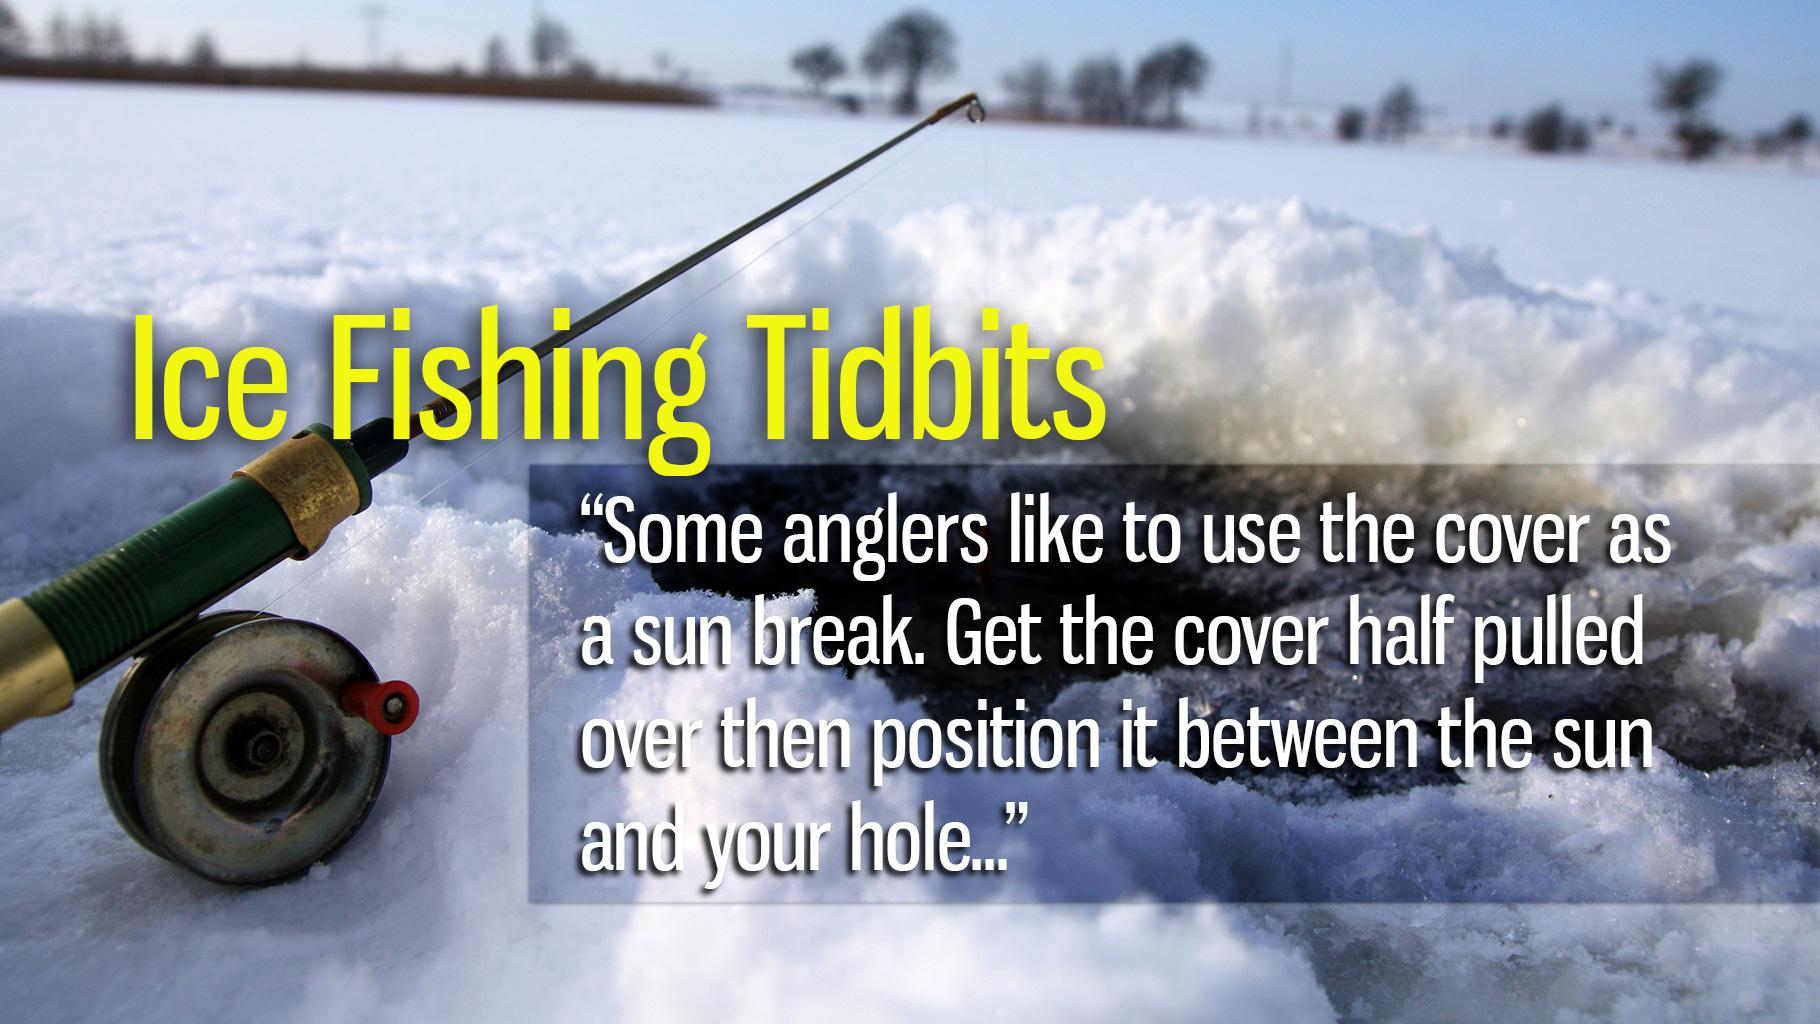 Ice Fishing Tidbits